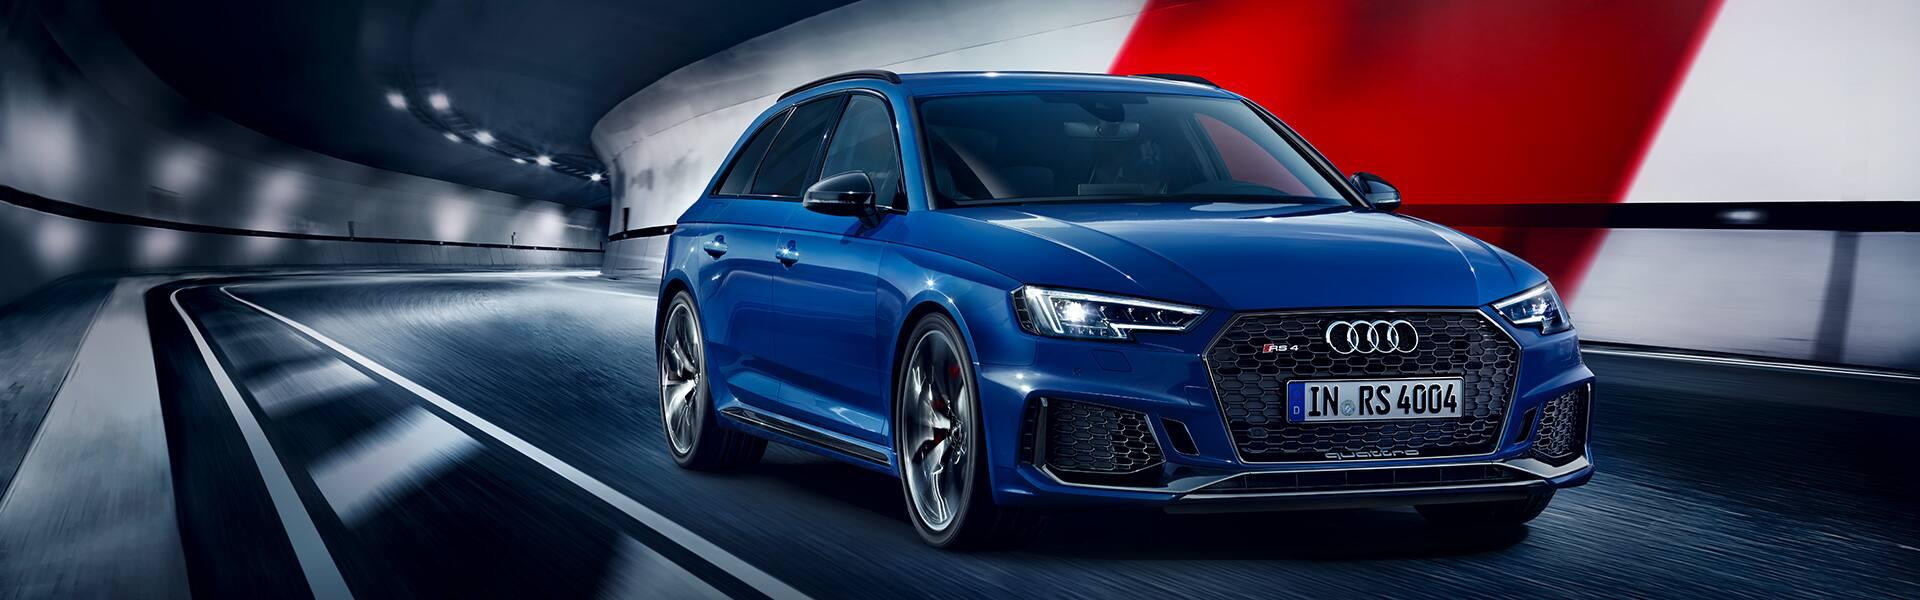 Der neue Audi RS 4 Avant verbindet Performance mit Alltagstauglichkeit.